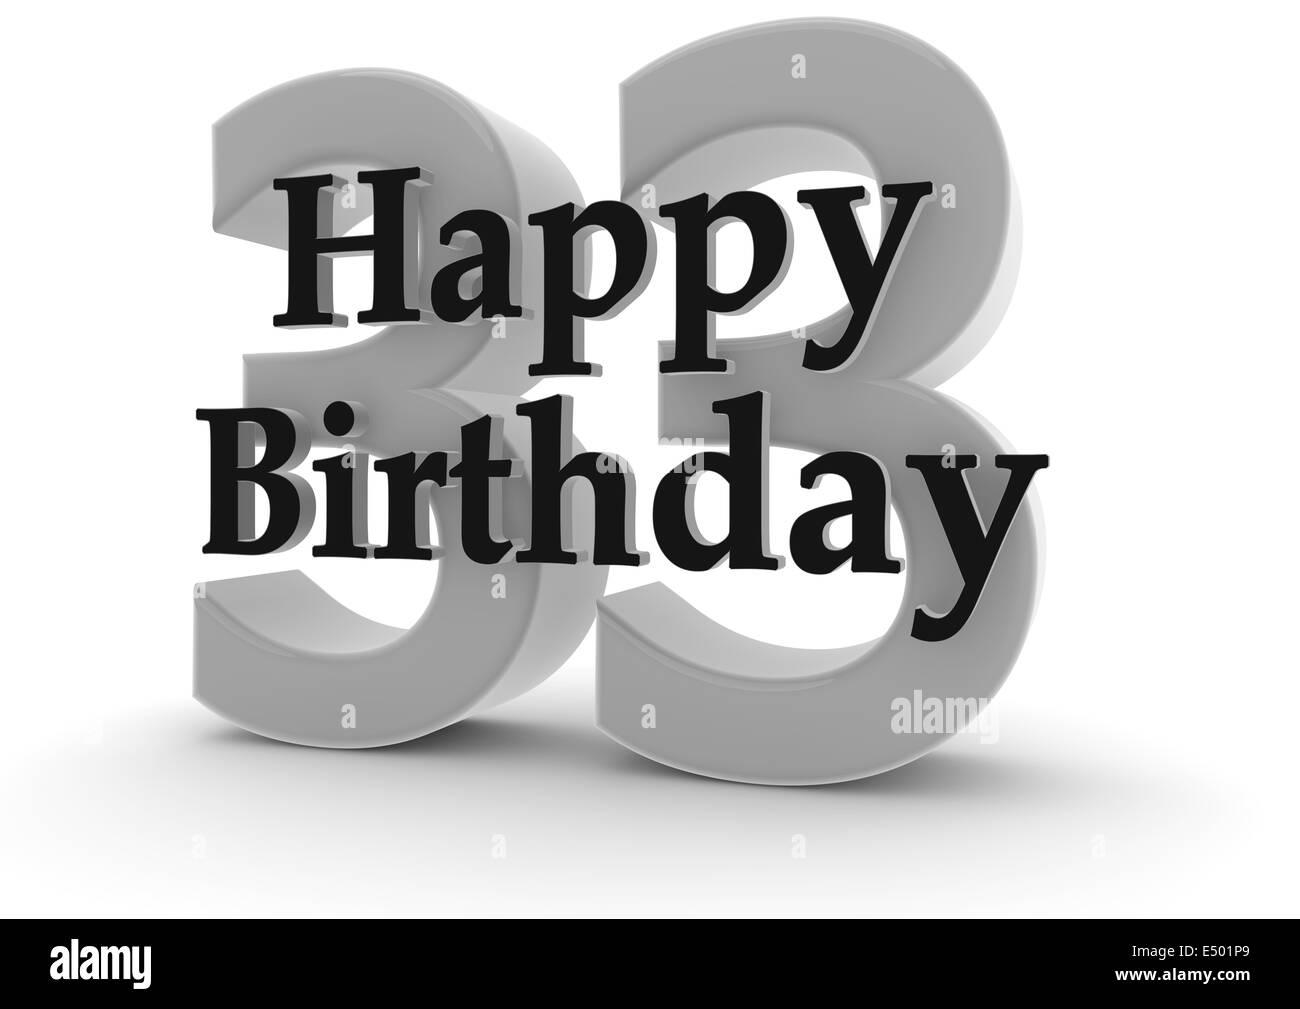 Herzlichen Glückwunsch Zum 33 Geburtstag Stockfoto Bild